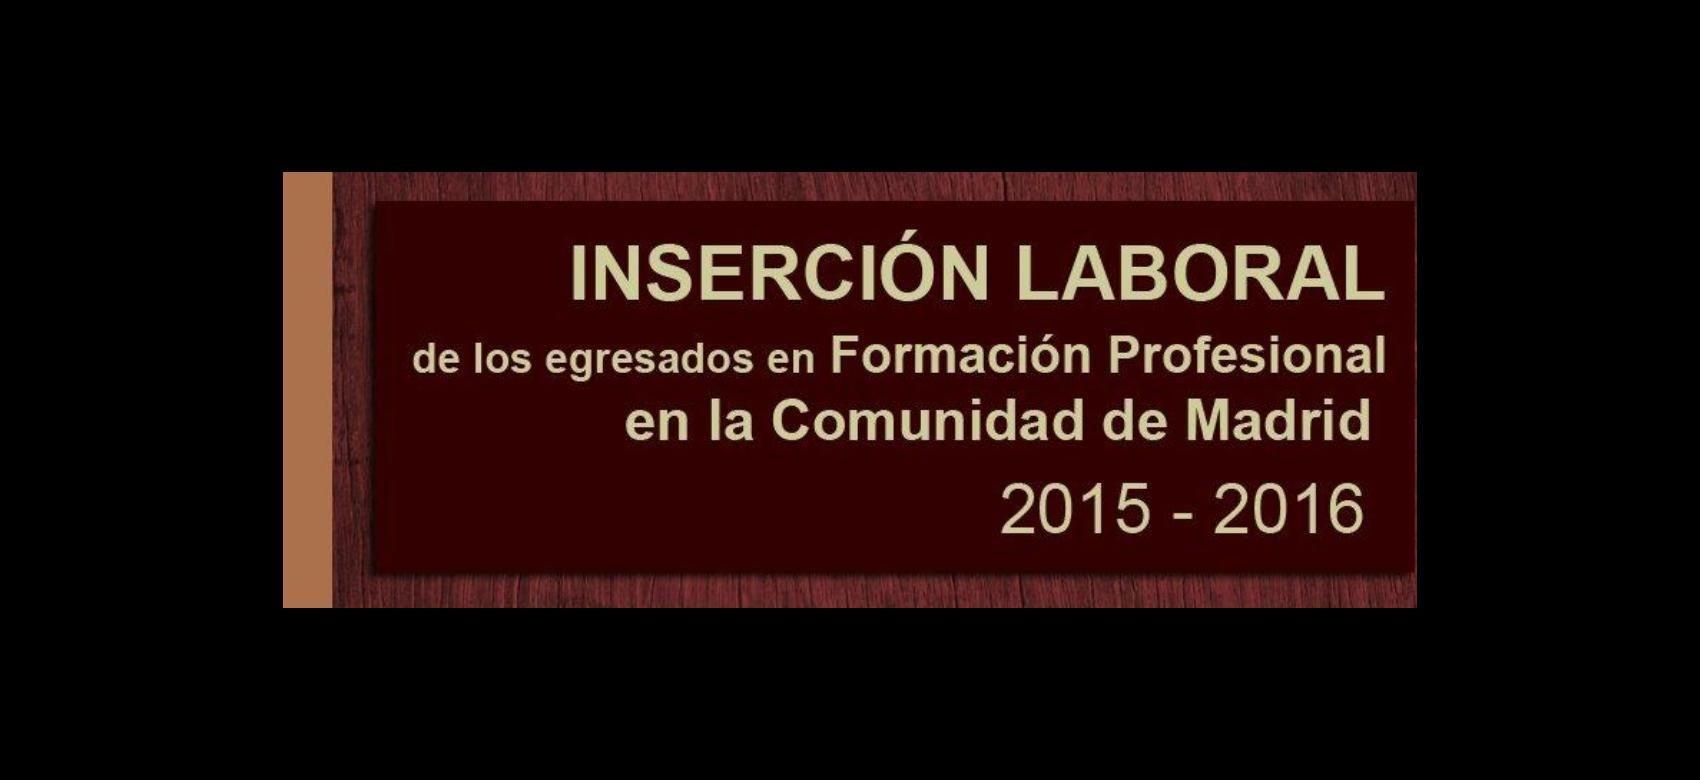 Inserción laboral egresados FP